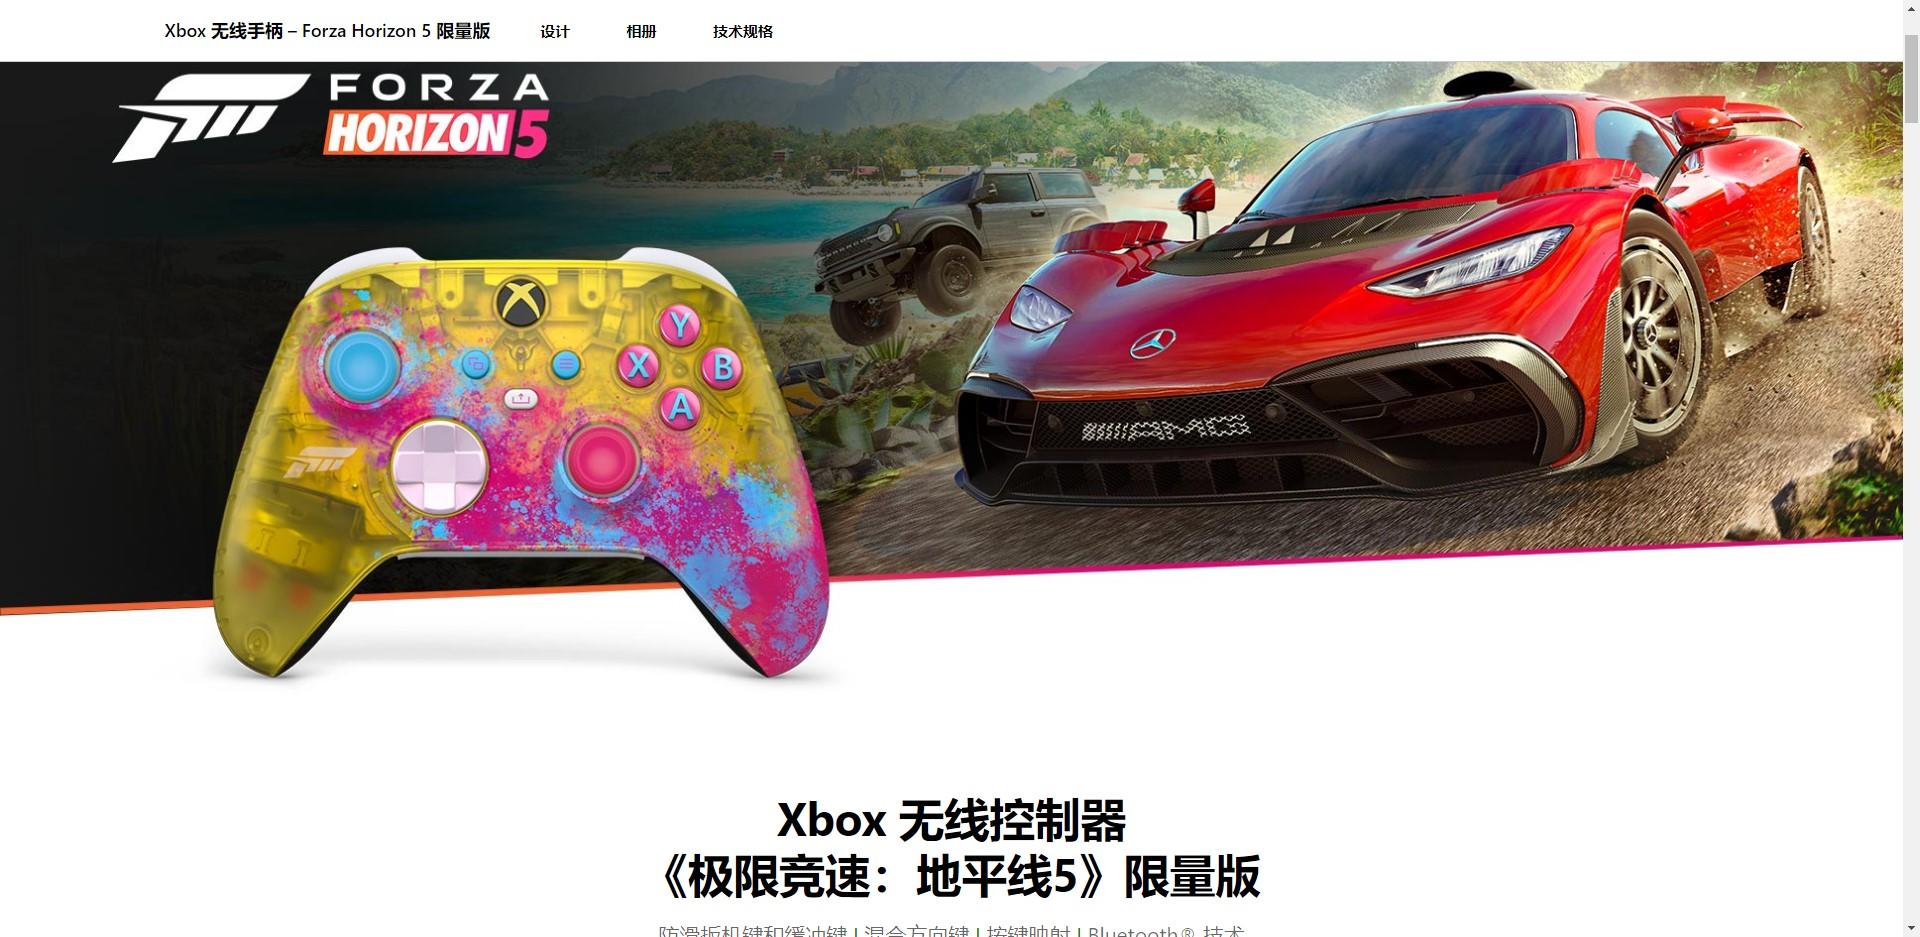 Xbox《地平线5》《光环:无限》限定手柄售价公布 :539/1598元插图1